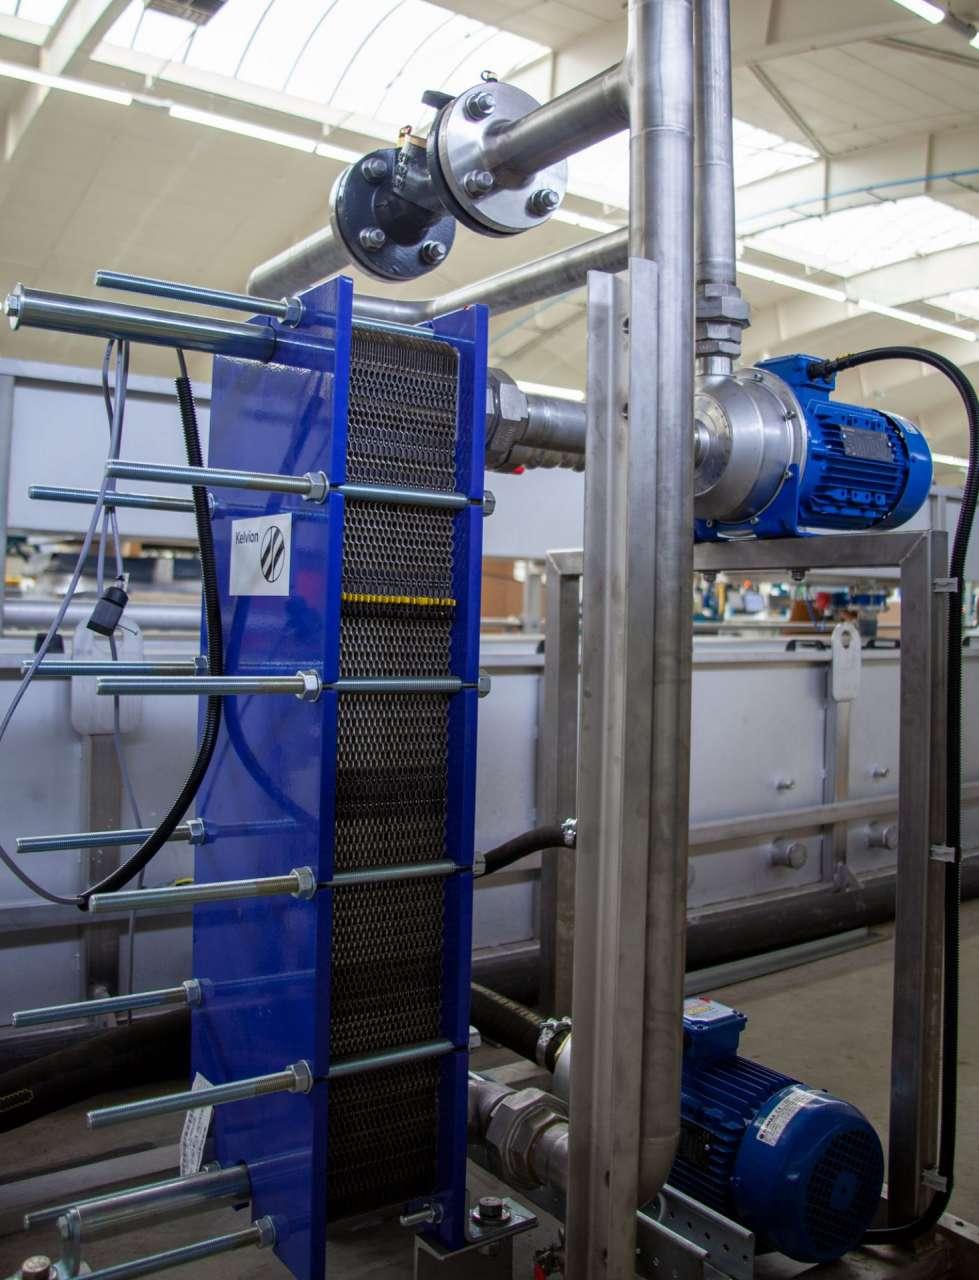 Warmtewisselaar met pompen en leidingwerk